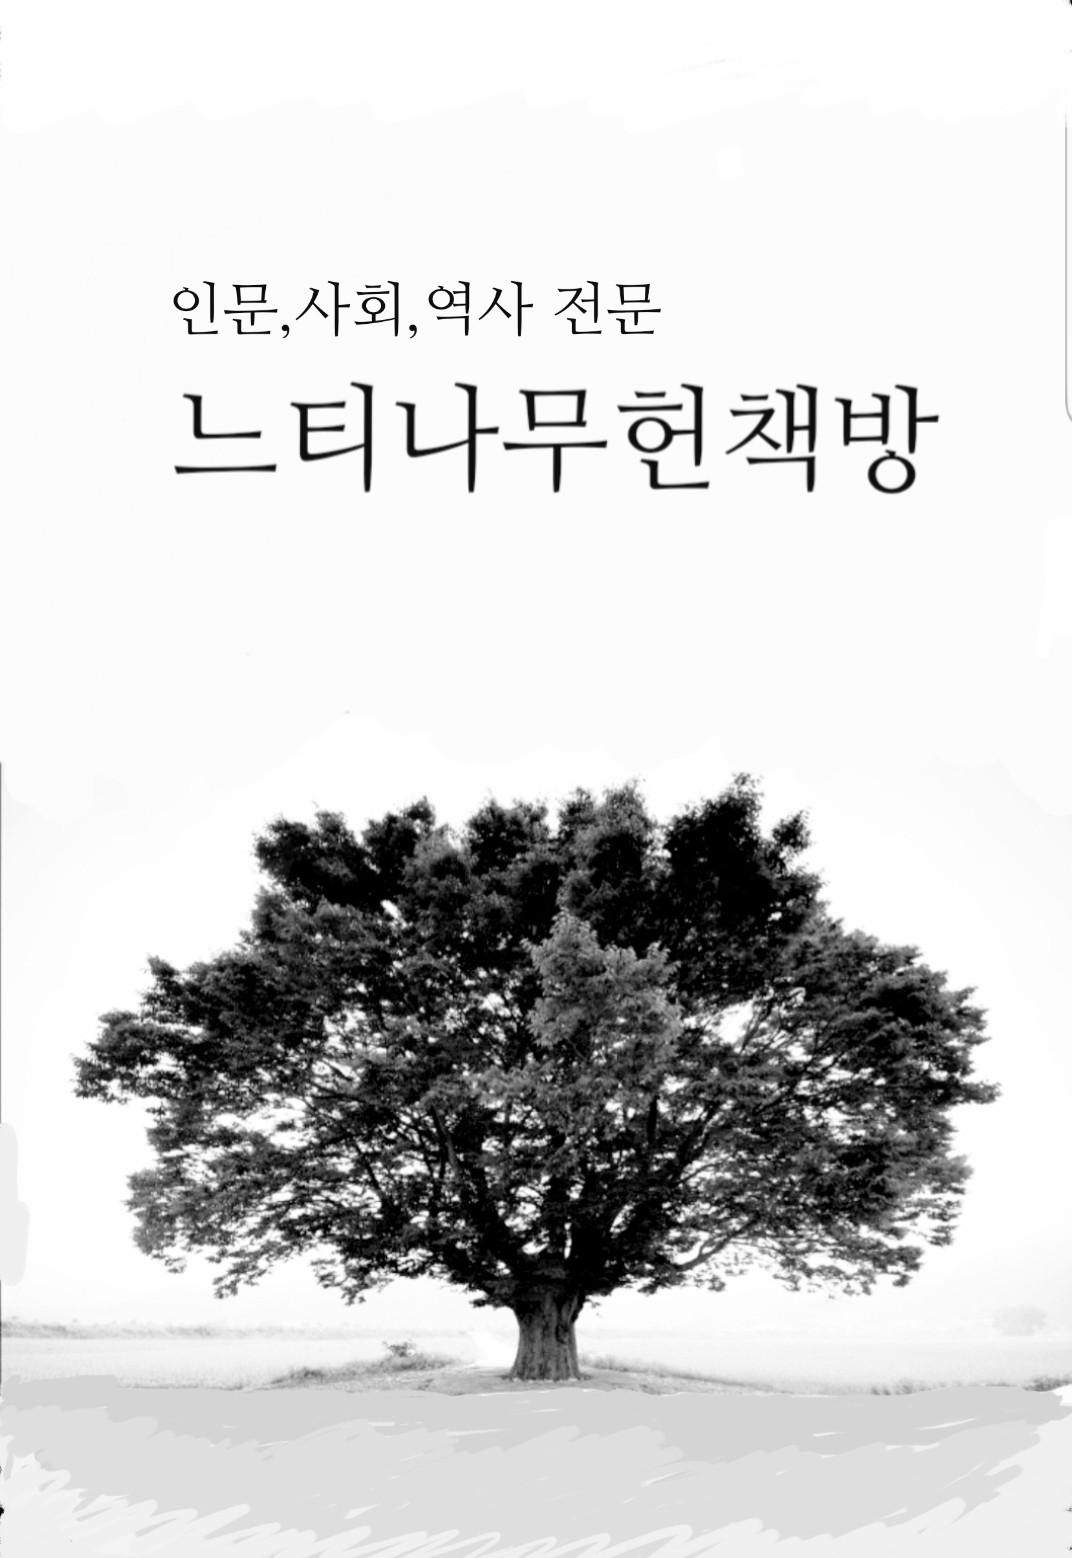 쇼펜하워 인생론 - 풍림명작신서 시리즈 12 (알철63코너)